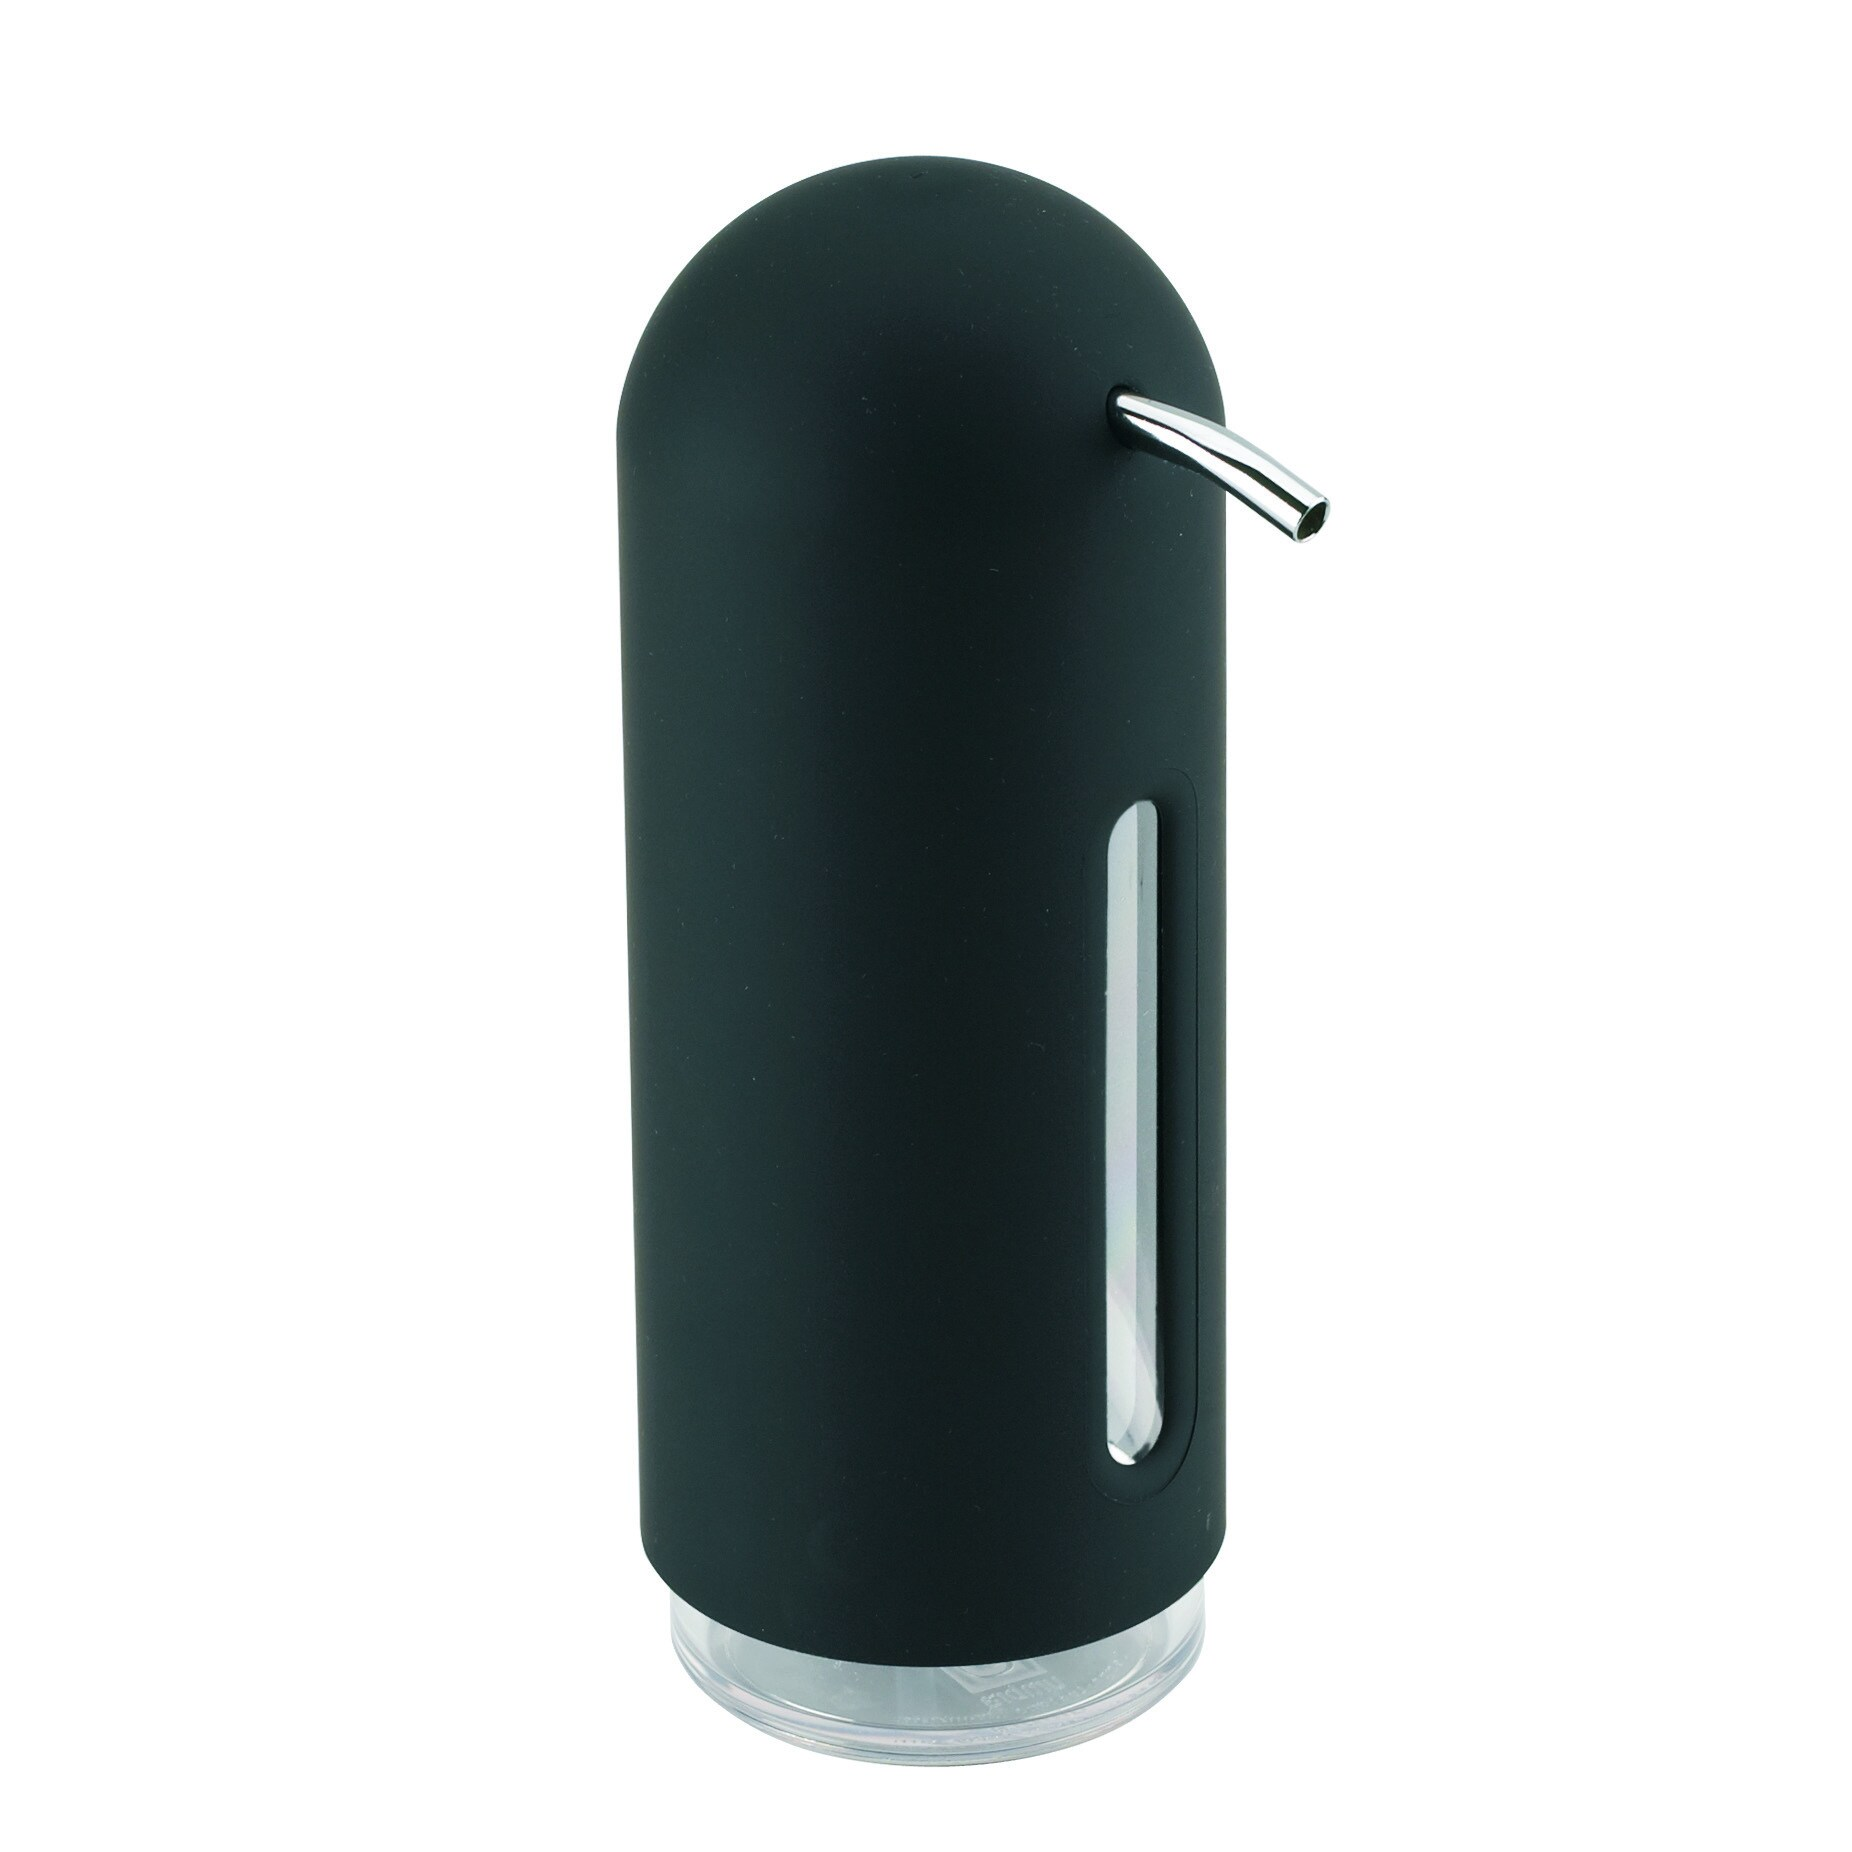 Umbra Penguin Soap Pump Dispenser (Black) (Plastic)